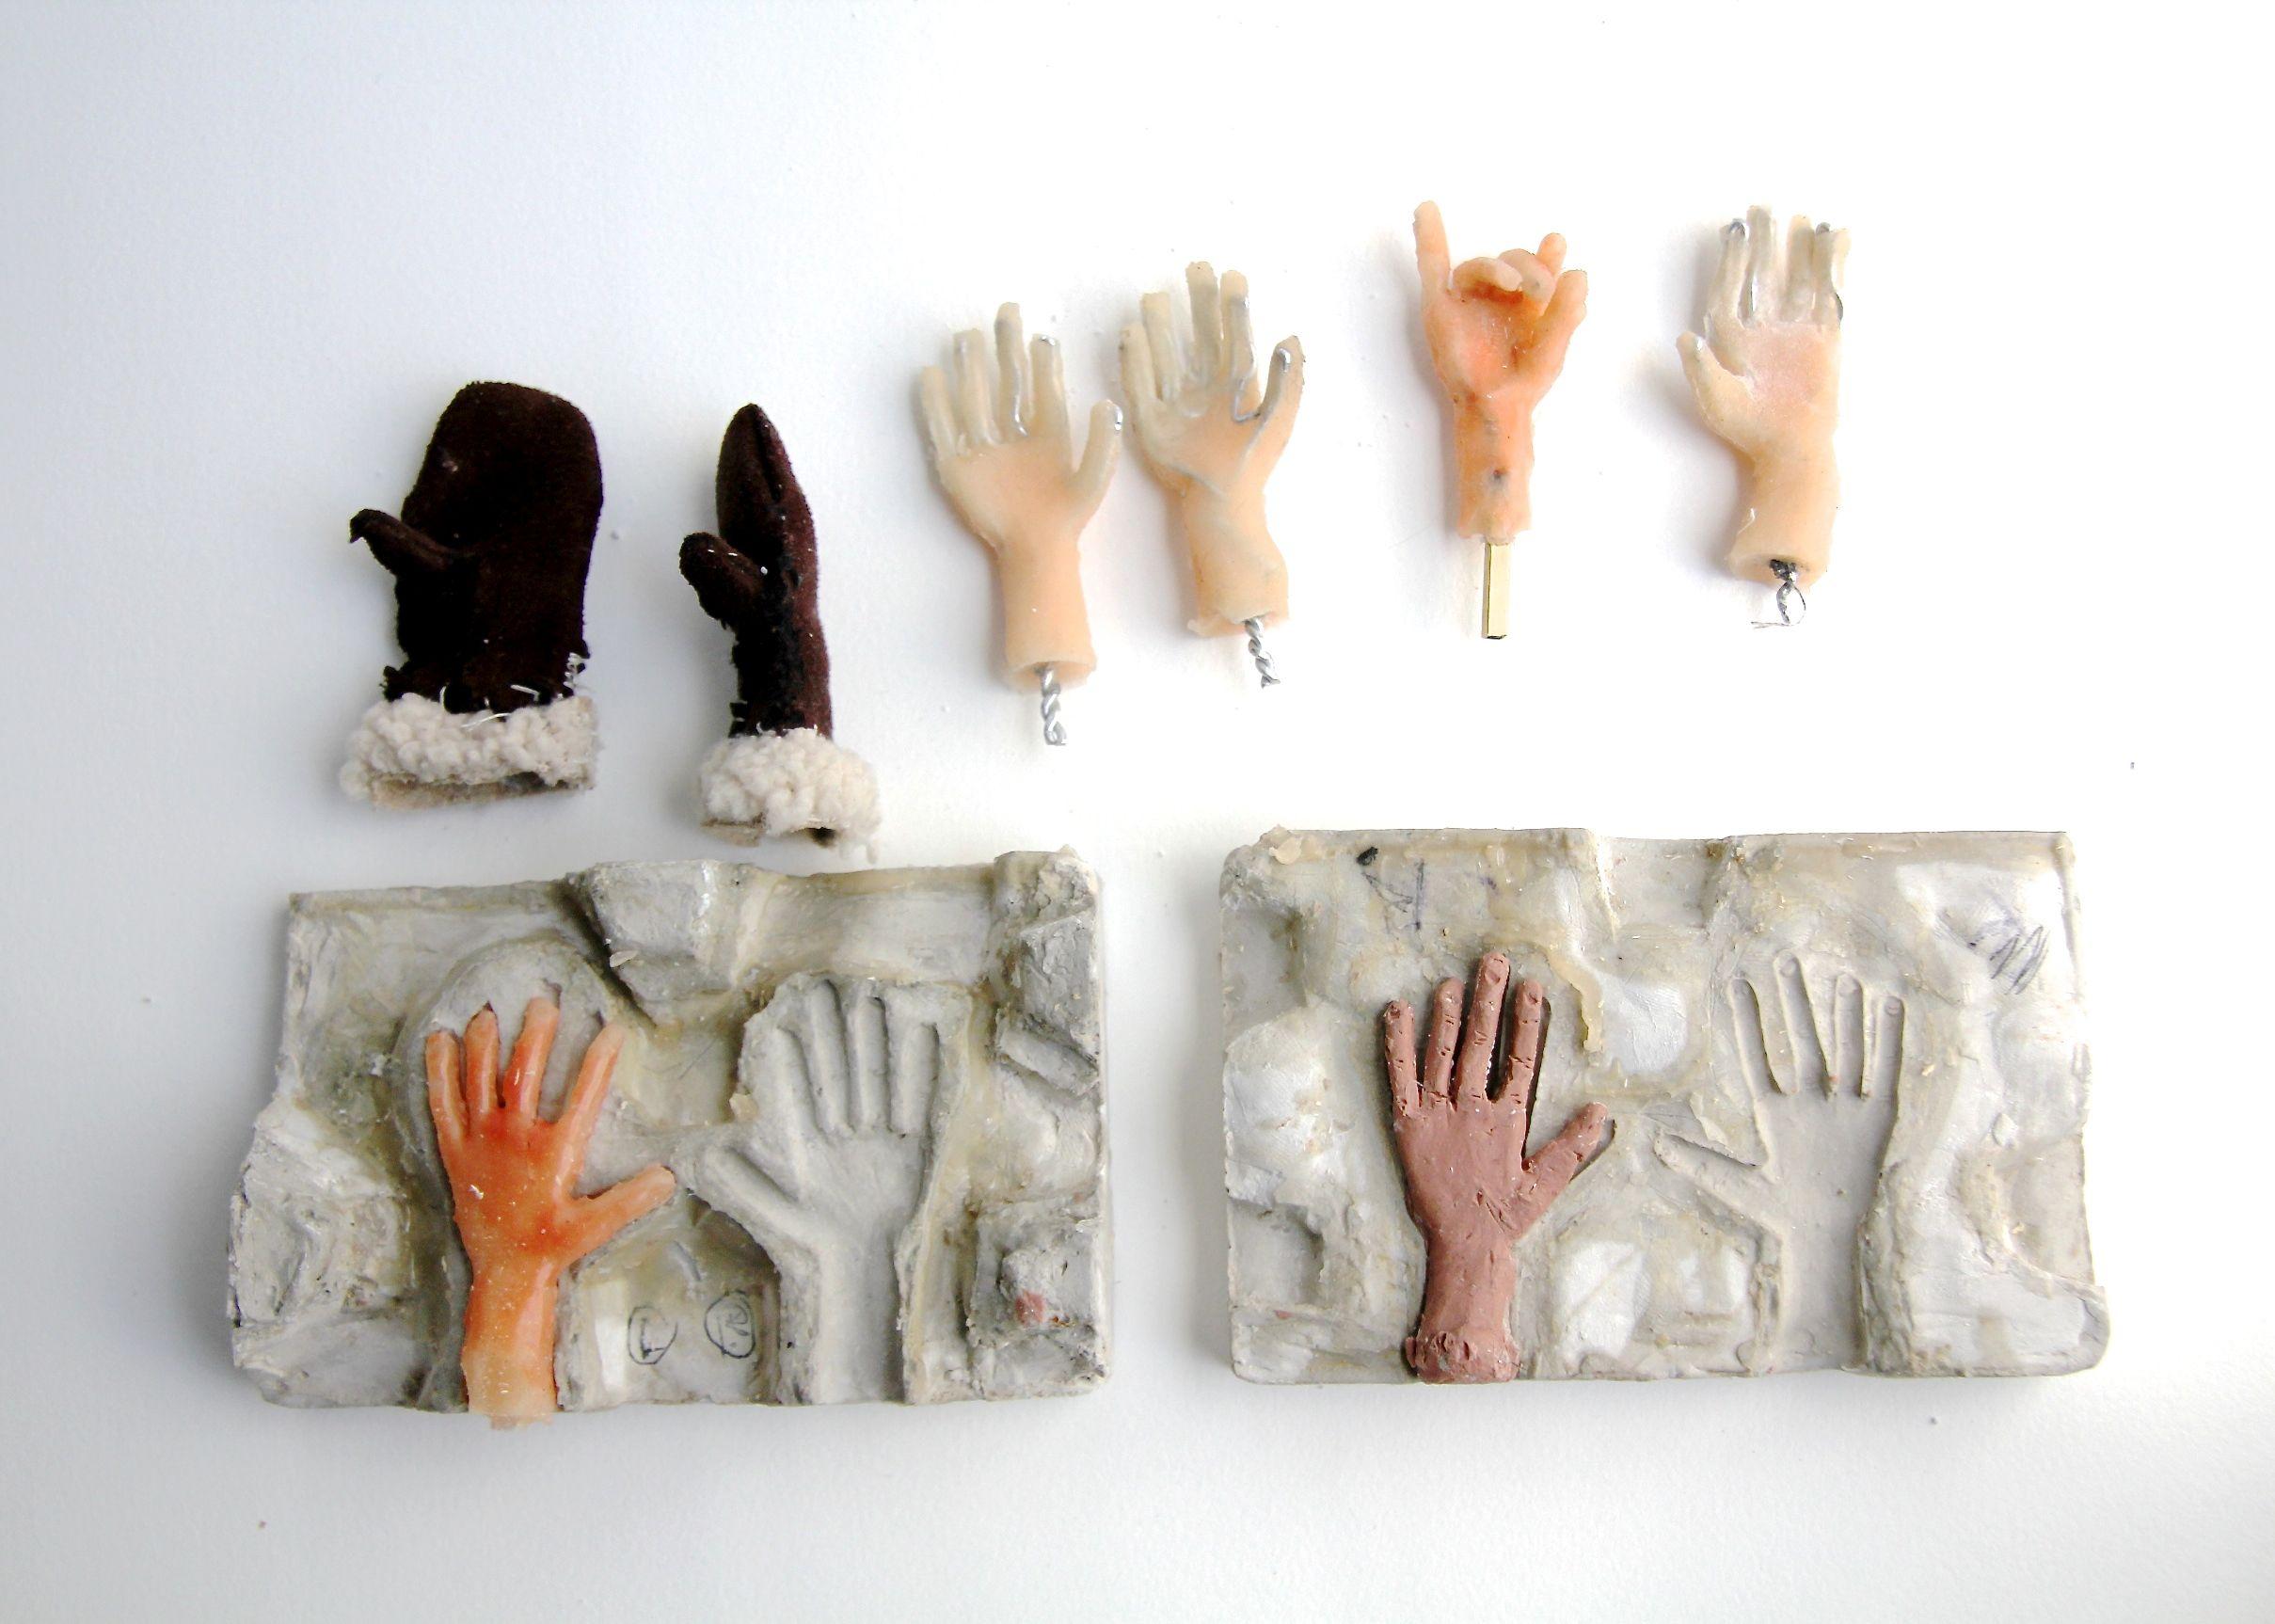 05_hands_mitts.jpg